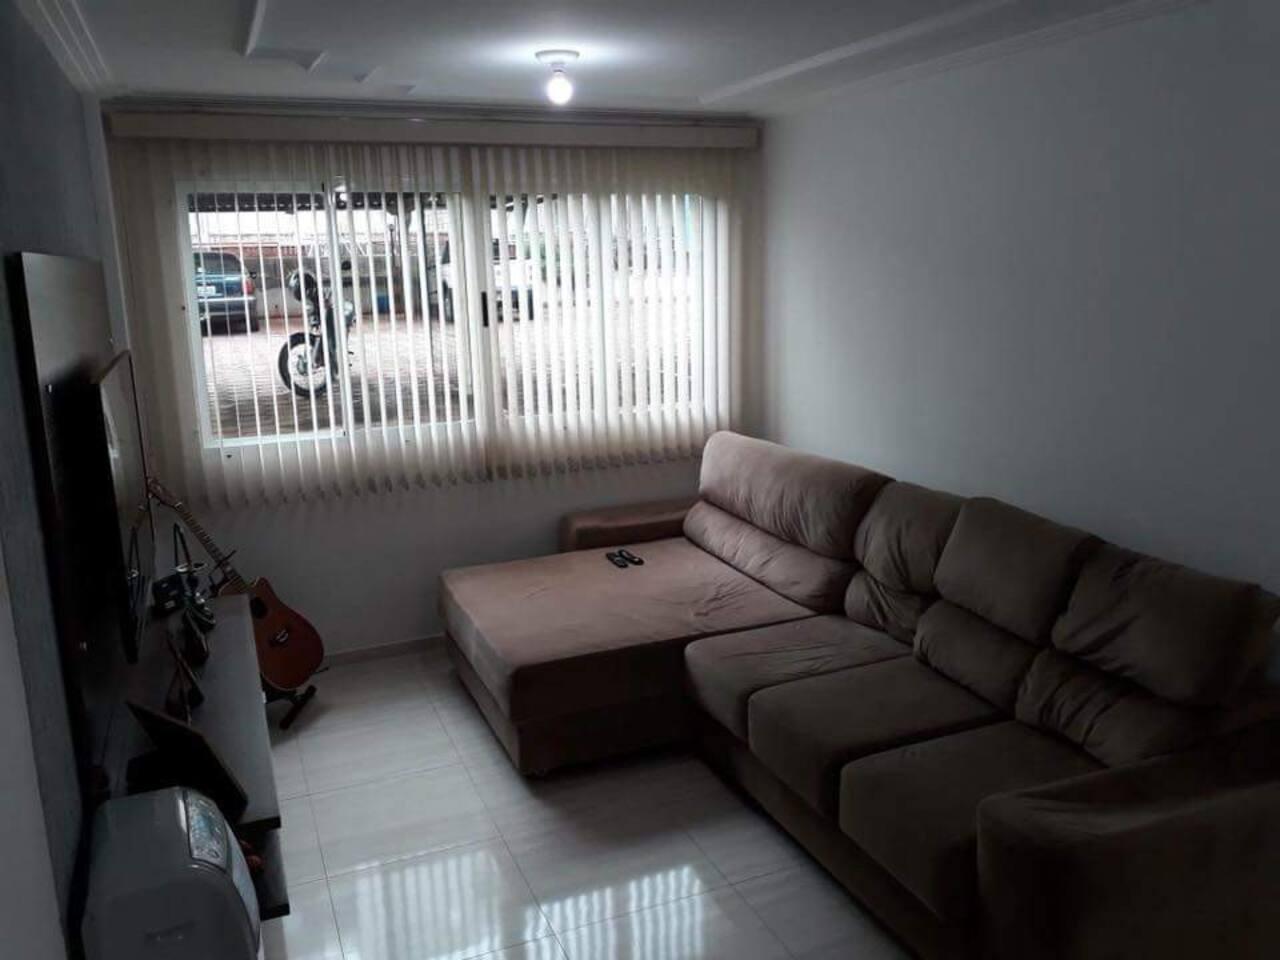 Sofa com chese de 1:30 M mais retrátil reclinável, vira cama tranquilo para 2 pessoas. Mais tv 55 polegadas com TV acabo liberada com mais de 350 canais